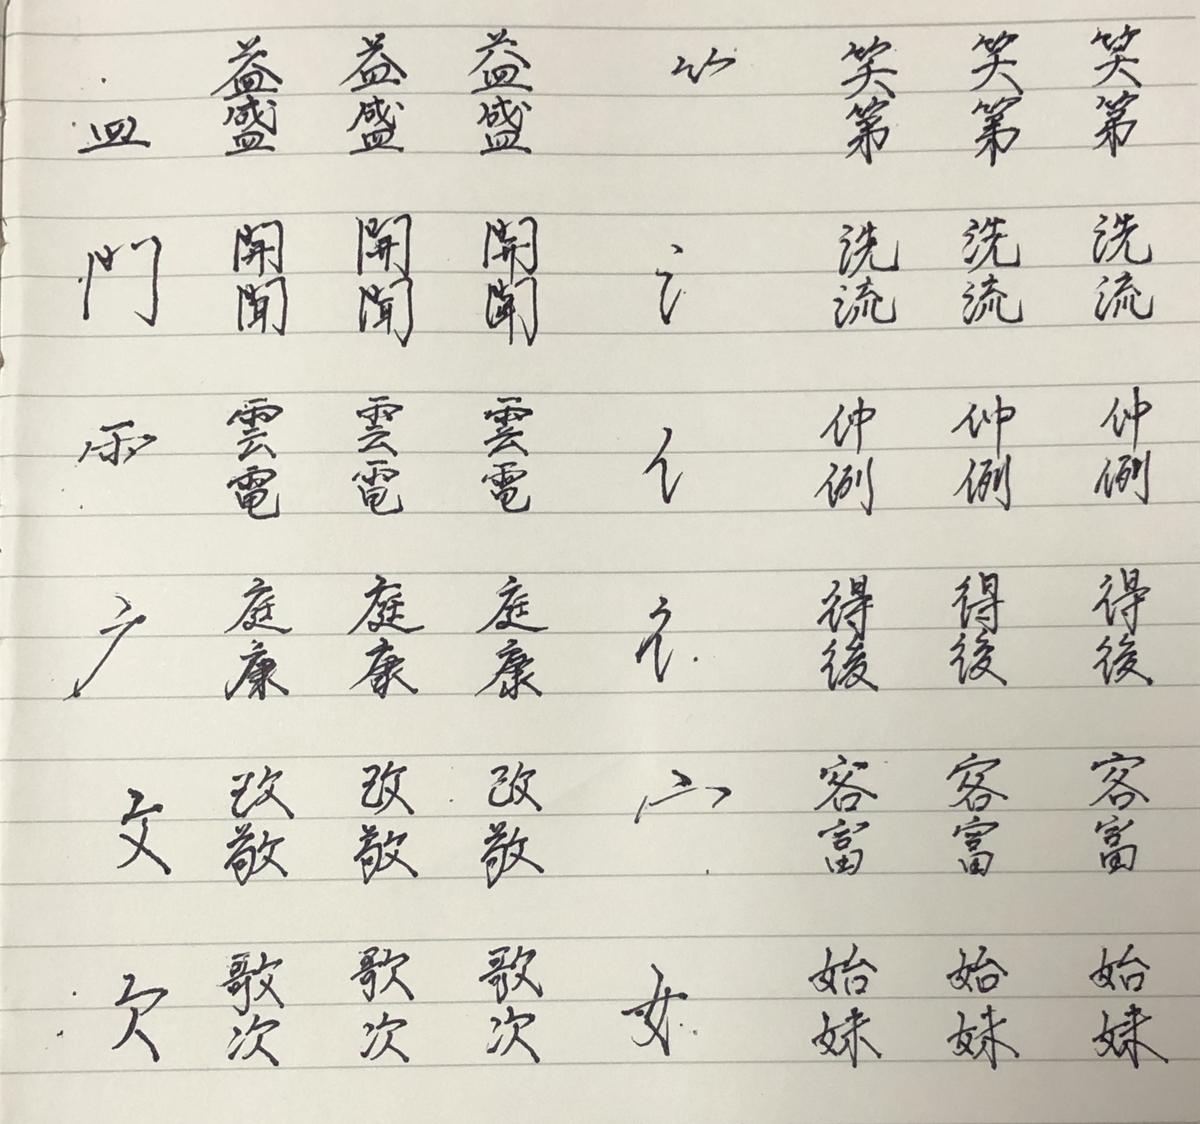 f:id:shioaji78:20200807212131j:plain